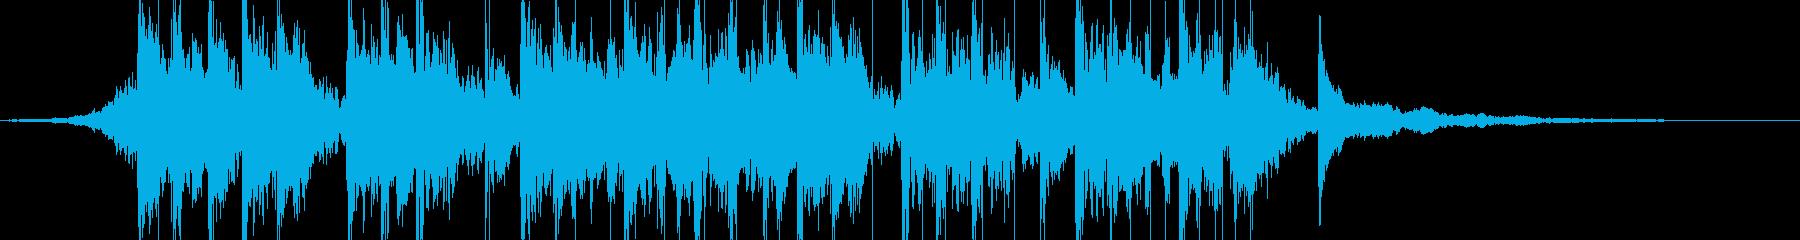 民族調のサウンドロゴの再生済みの波形